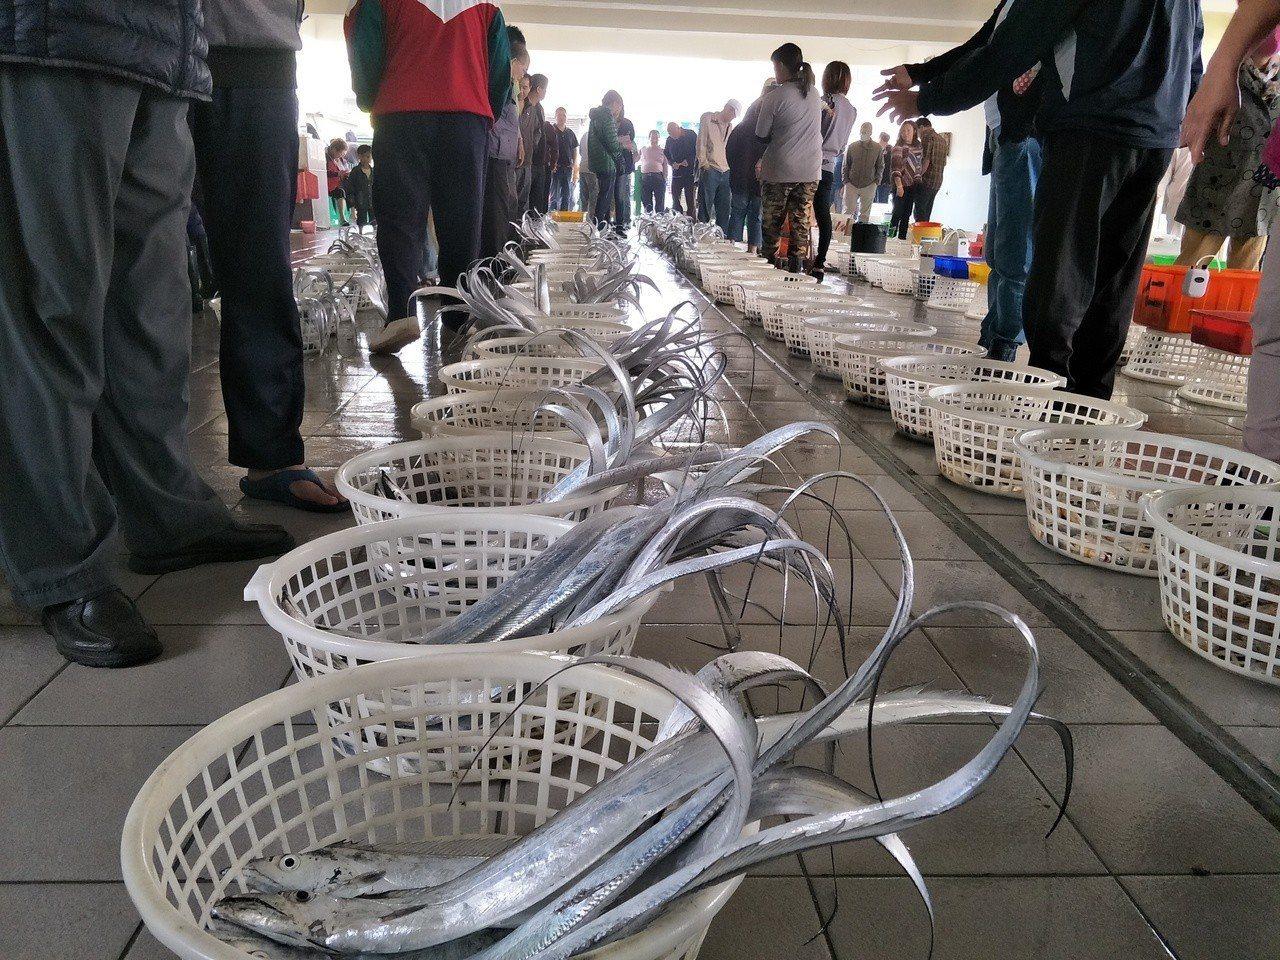 魚貫等待拍賣的魚貨相當壯觀。記者謝進盛╱攝影